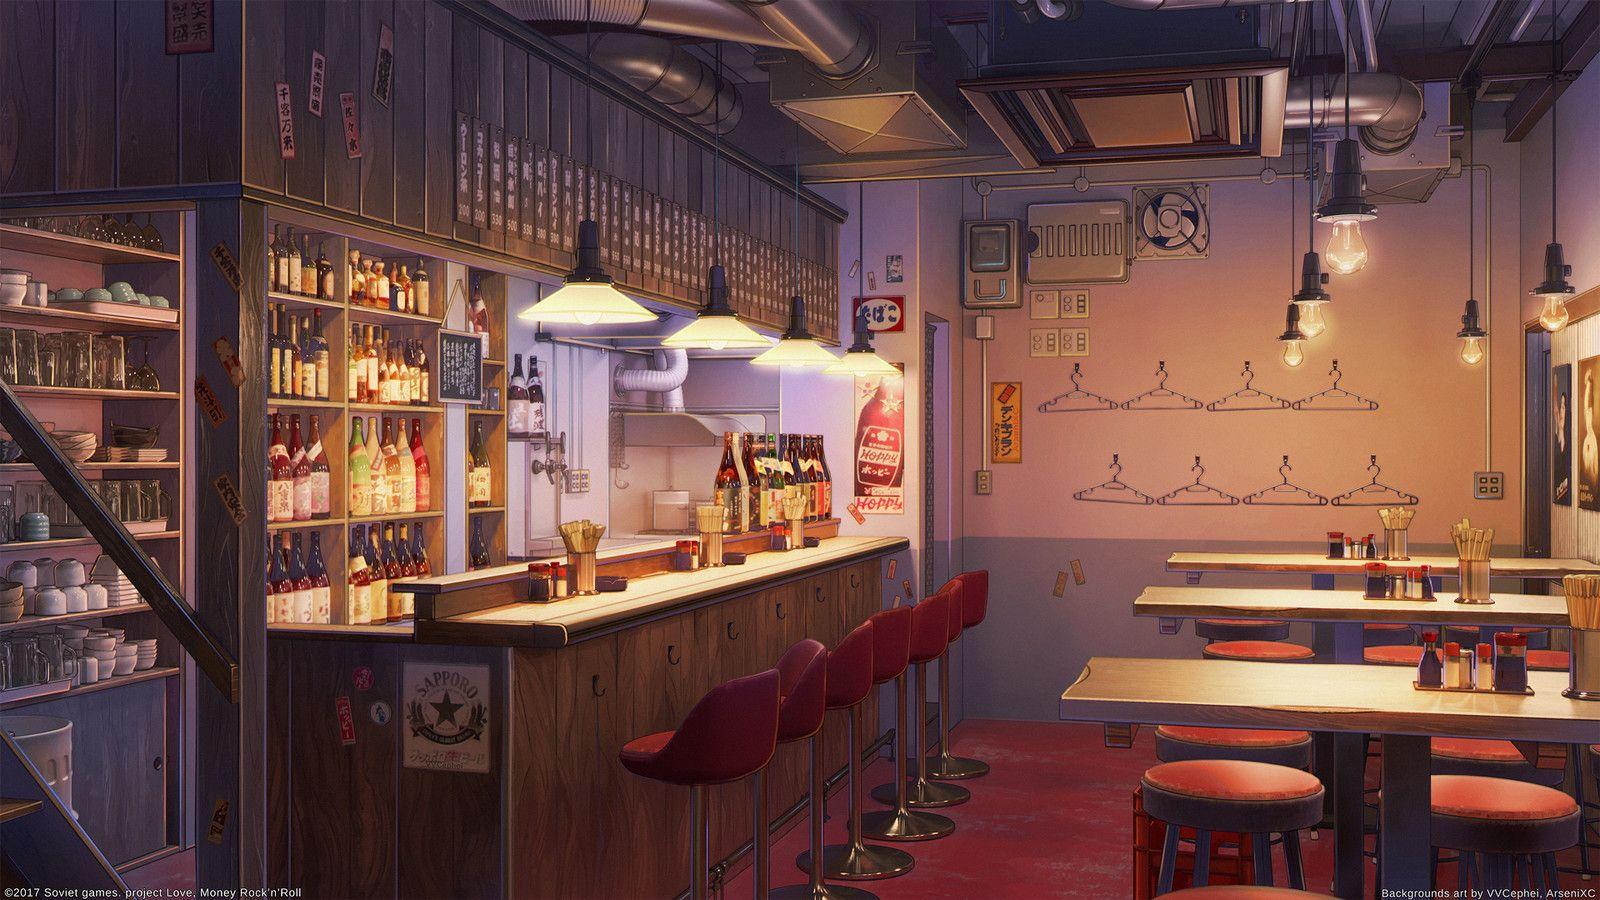 Bar and Club, Arseniy Chebynkin on ArtStation at https